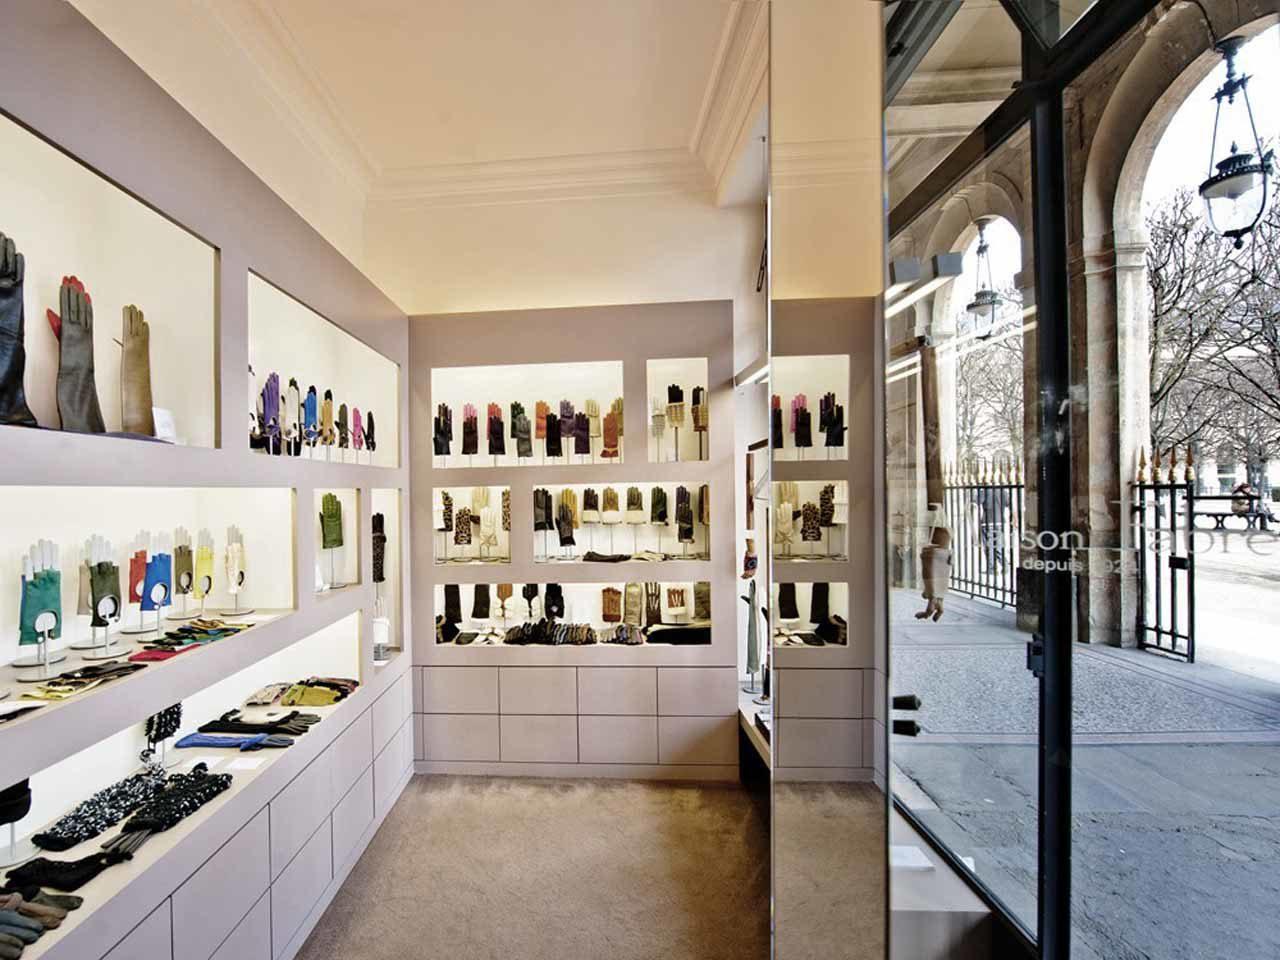 Maison Fabre boutique Paris